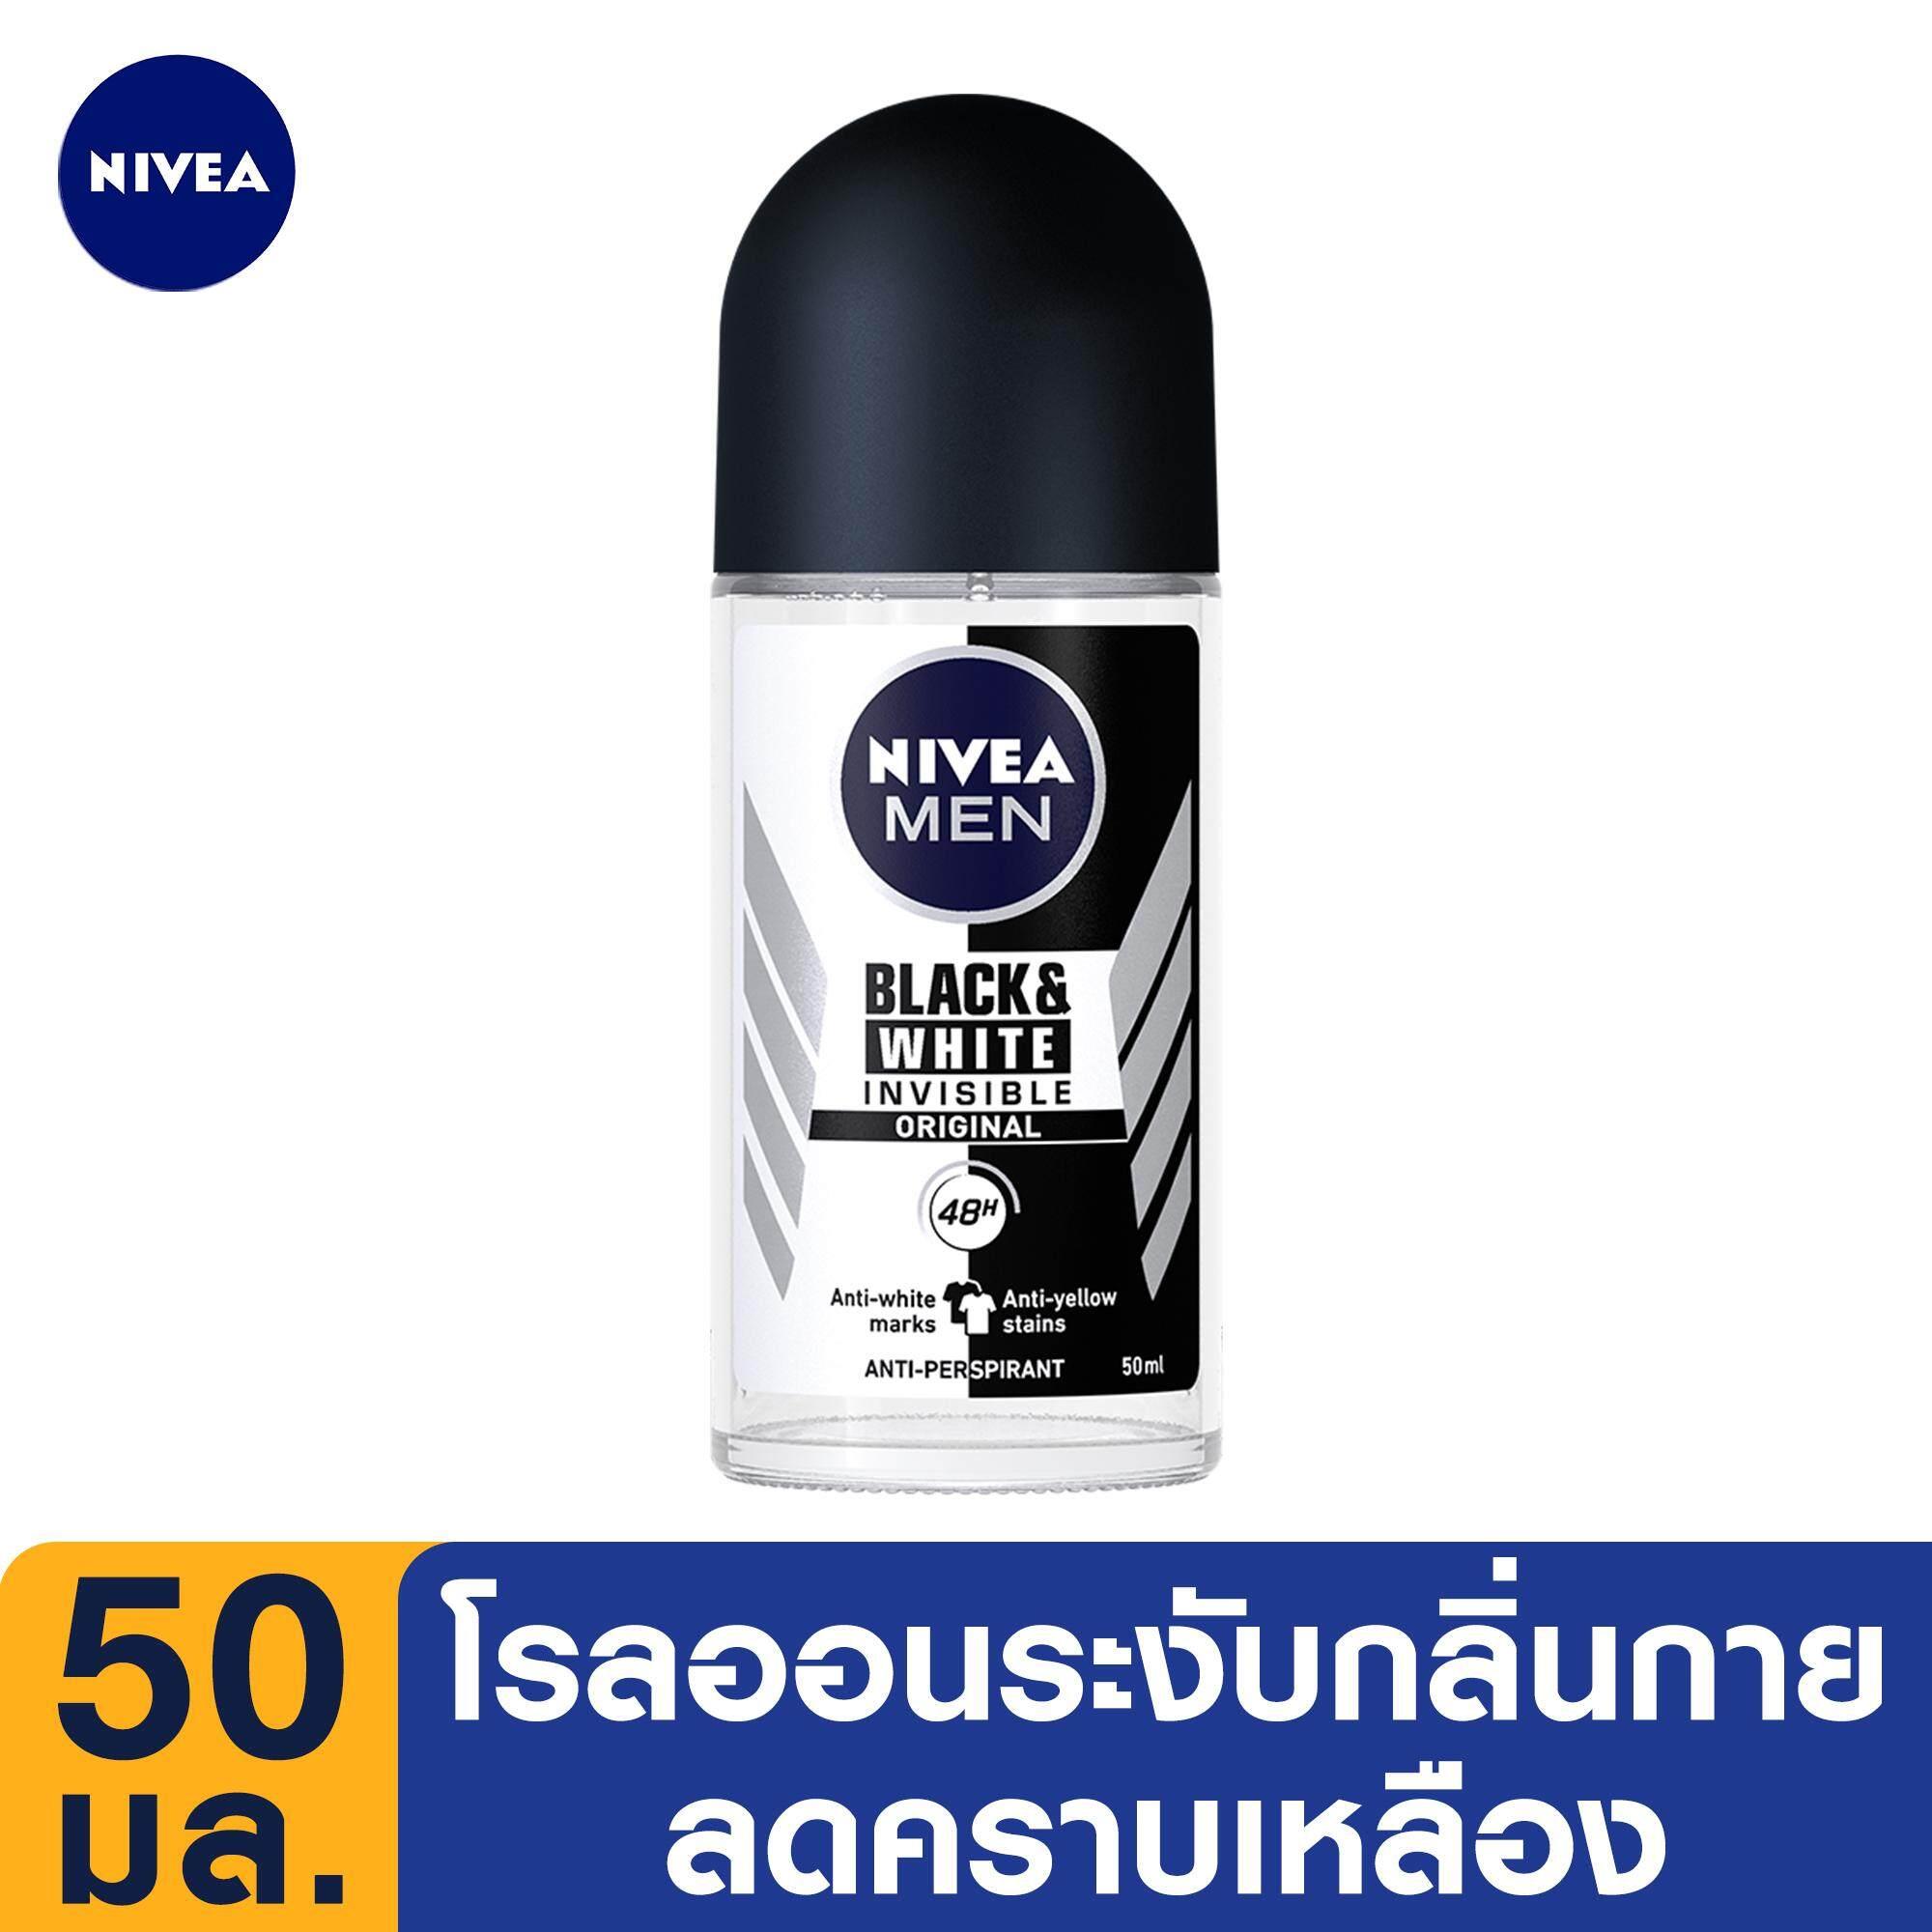 นีเวีย ดีโอ เมน แบล็ค แอนด์ ไวท์ โรลออน ระงับกลิ่นกาย สำหรับผู้ชาย 50 มล. NIVEA Deo Men Invisible Black and White Roll On 50 ml. (ลดกลิ่นตัว, ลดเหงื่อ, กำจัดกลิ่นตัว, ไม่ทิ้งคราบ, ปกป้องยาวนาน, ลดคราบเหลือง, เหงื่อออกรักแร้, กลิ่นตัวแรง, รักแร้เปียก)